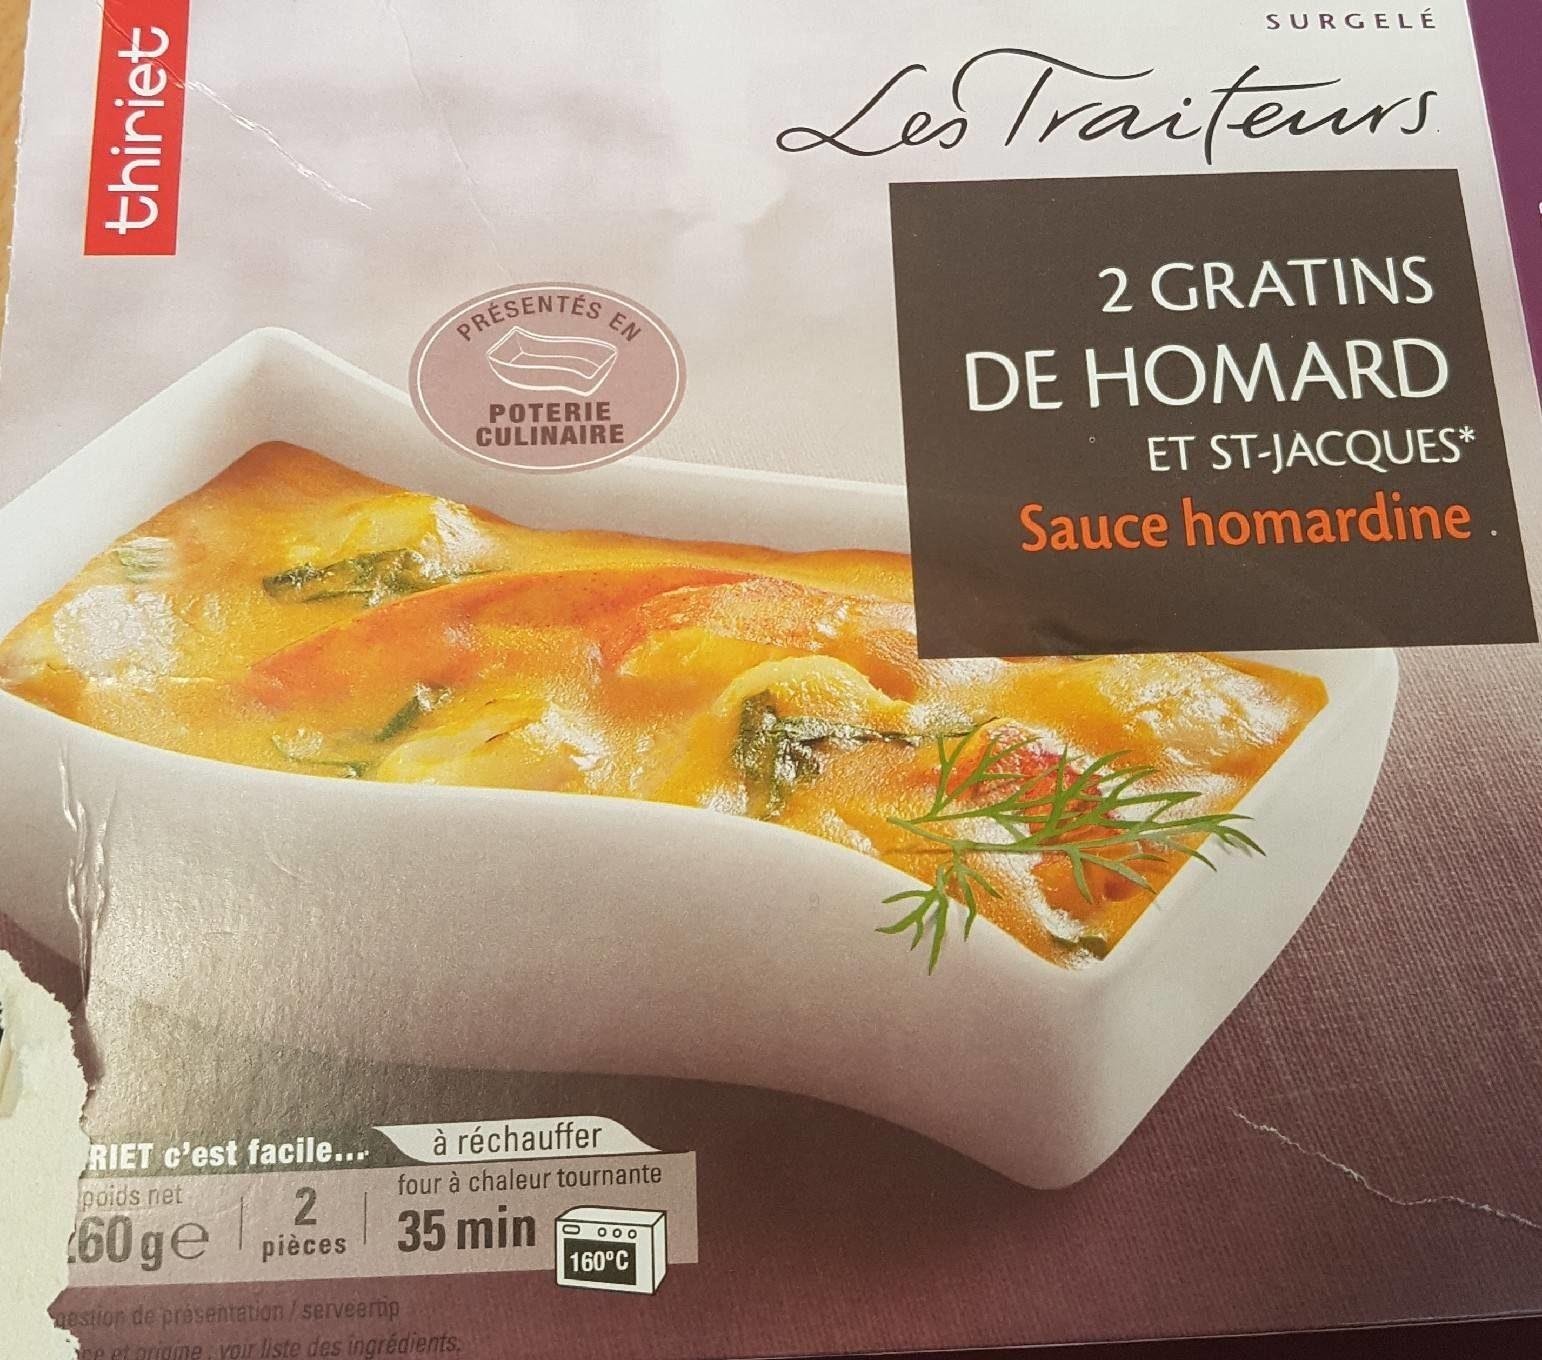 2 gratins fruit de mer homard et saint Jacques - Produit - fr